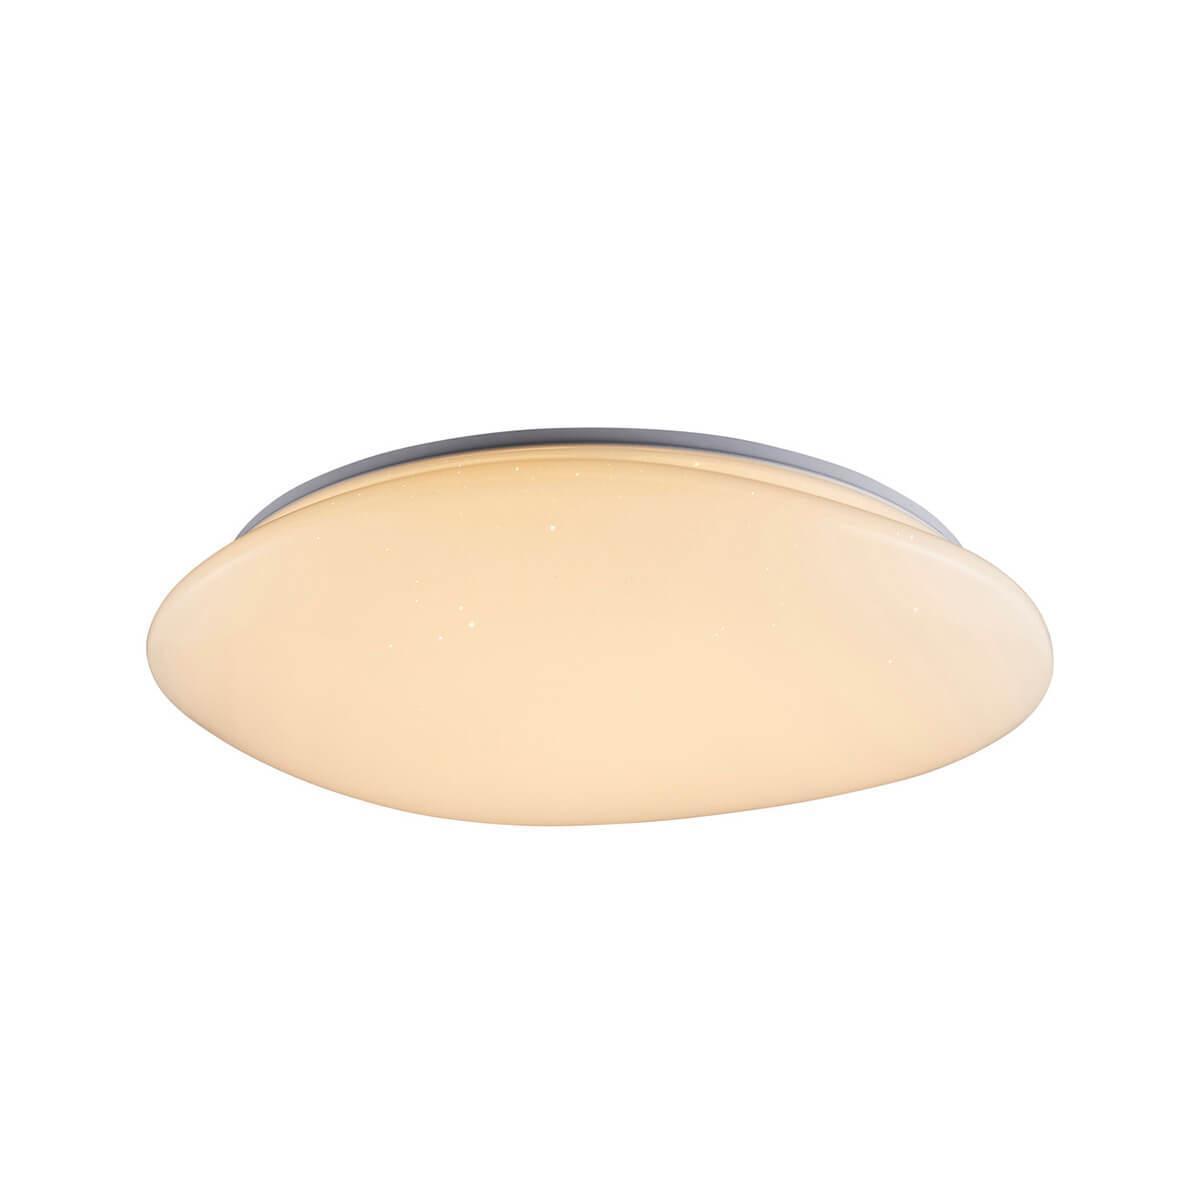 купить Потолочный светильник Omnilux OML-47507-30, белый по цене 3250 рублей